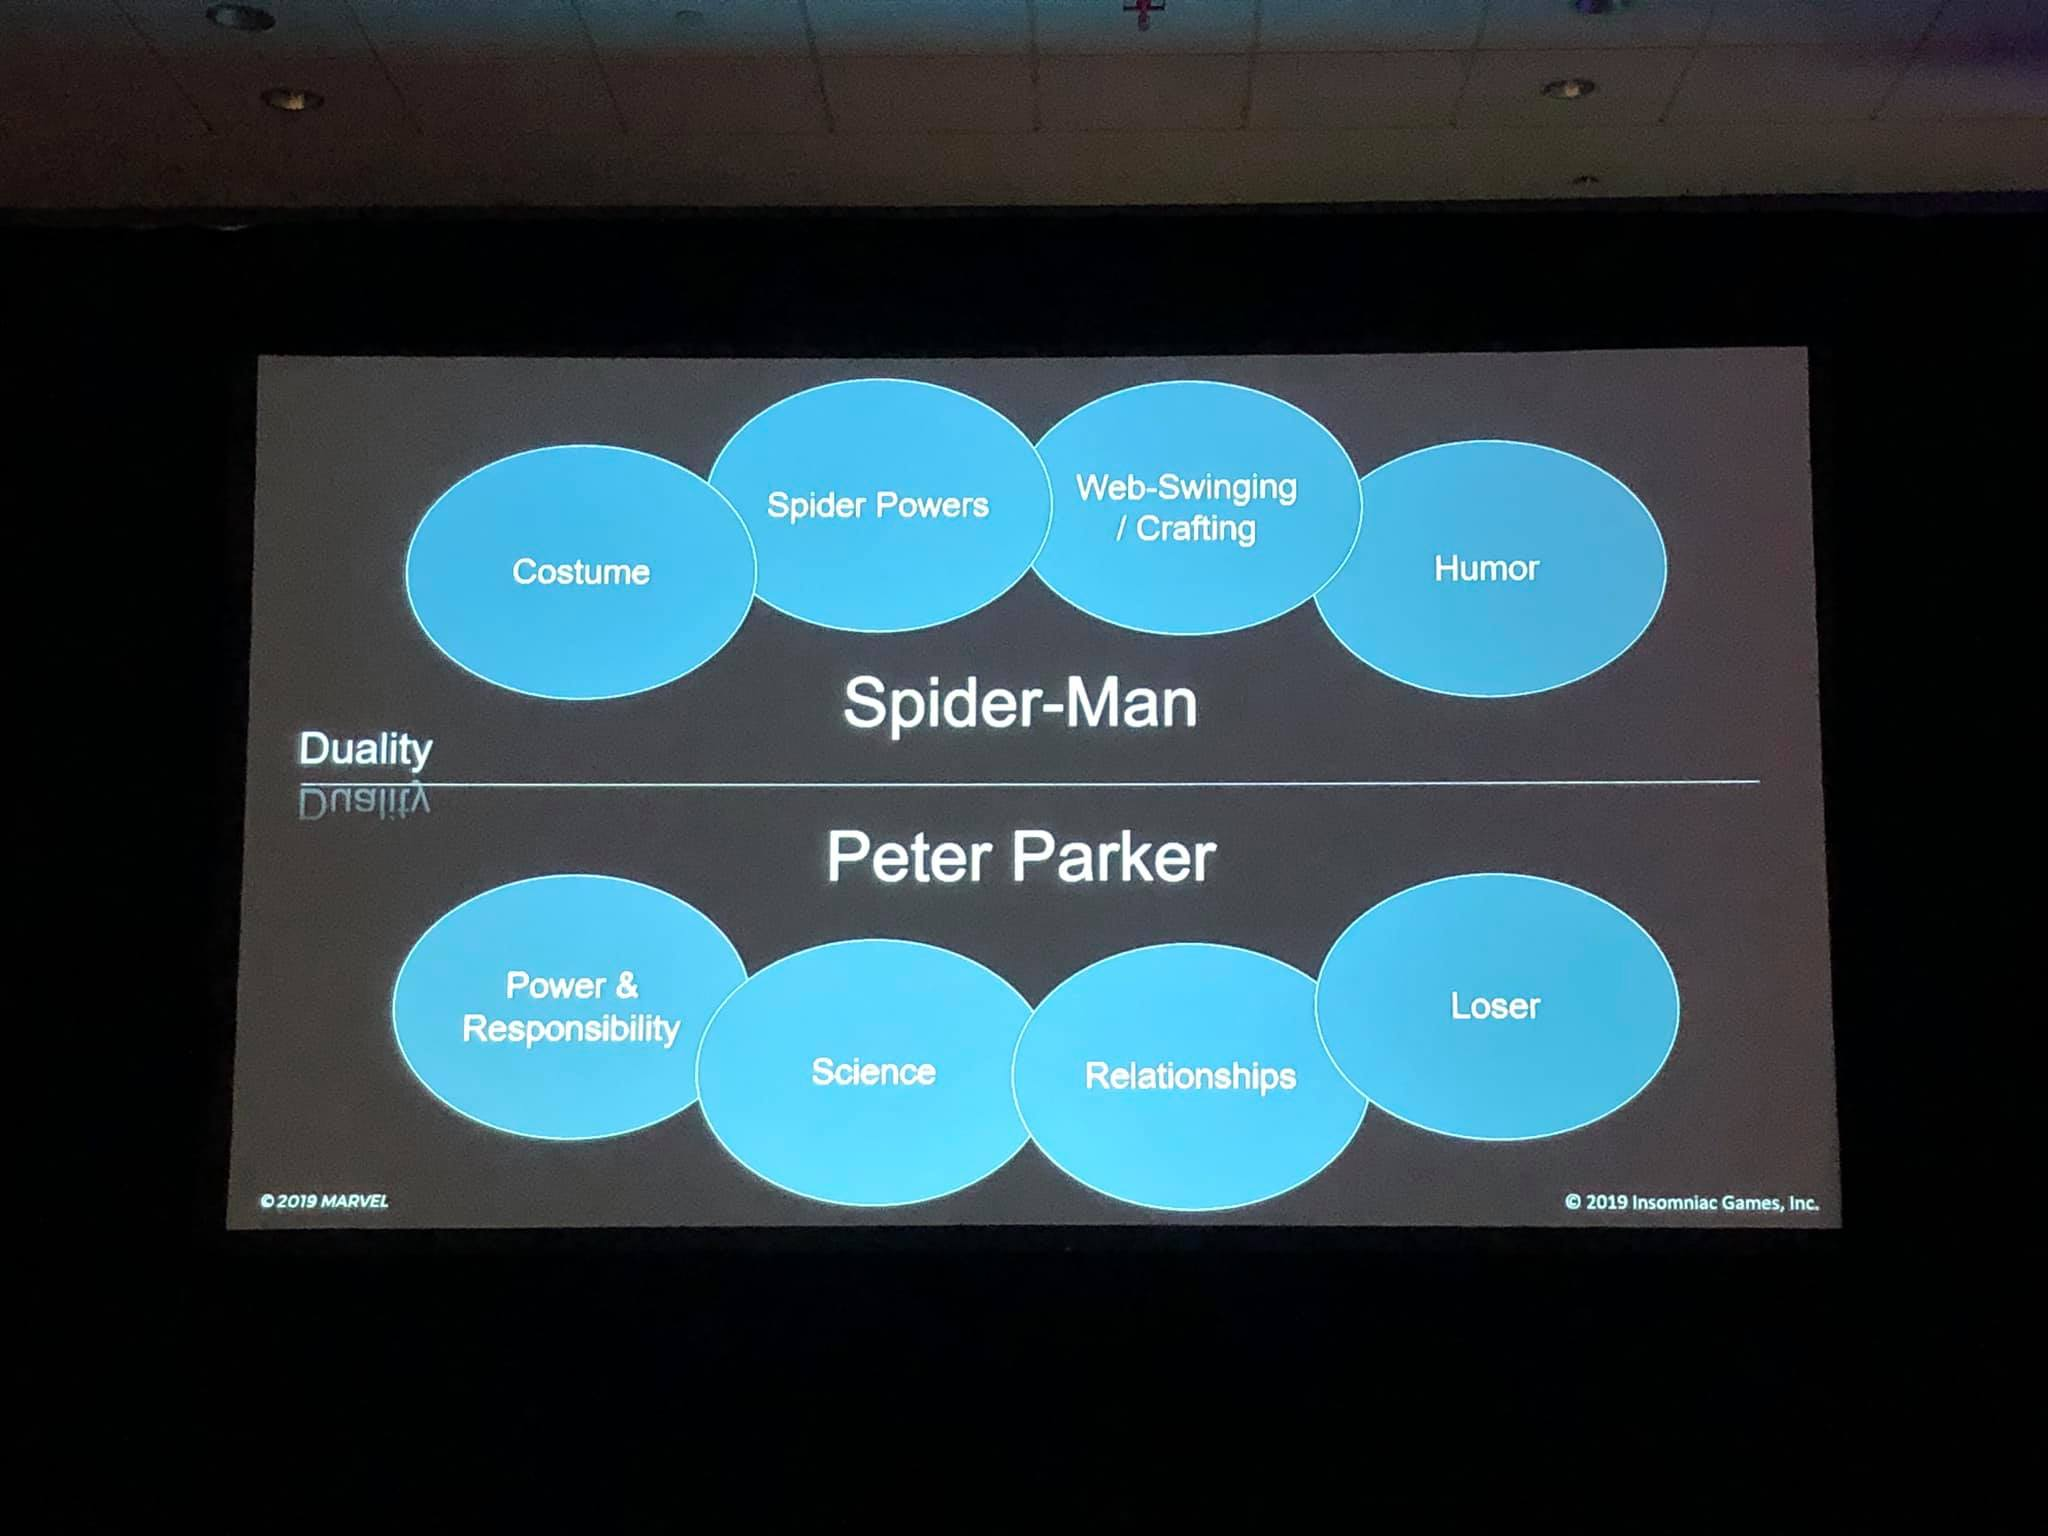 Và come si controbilanciano bene, Peter Parker e Spider-Man!